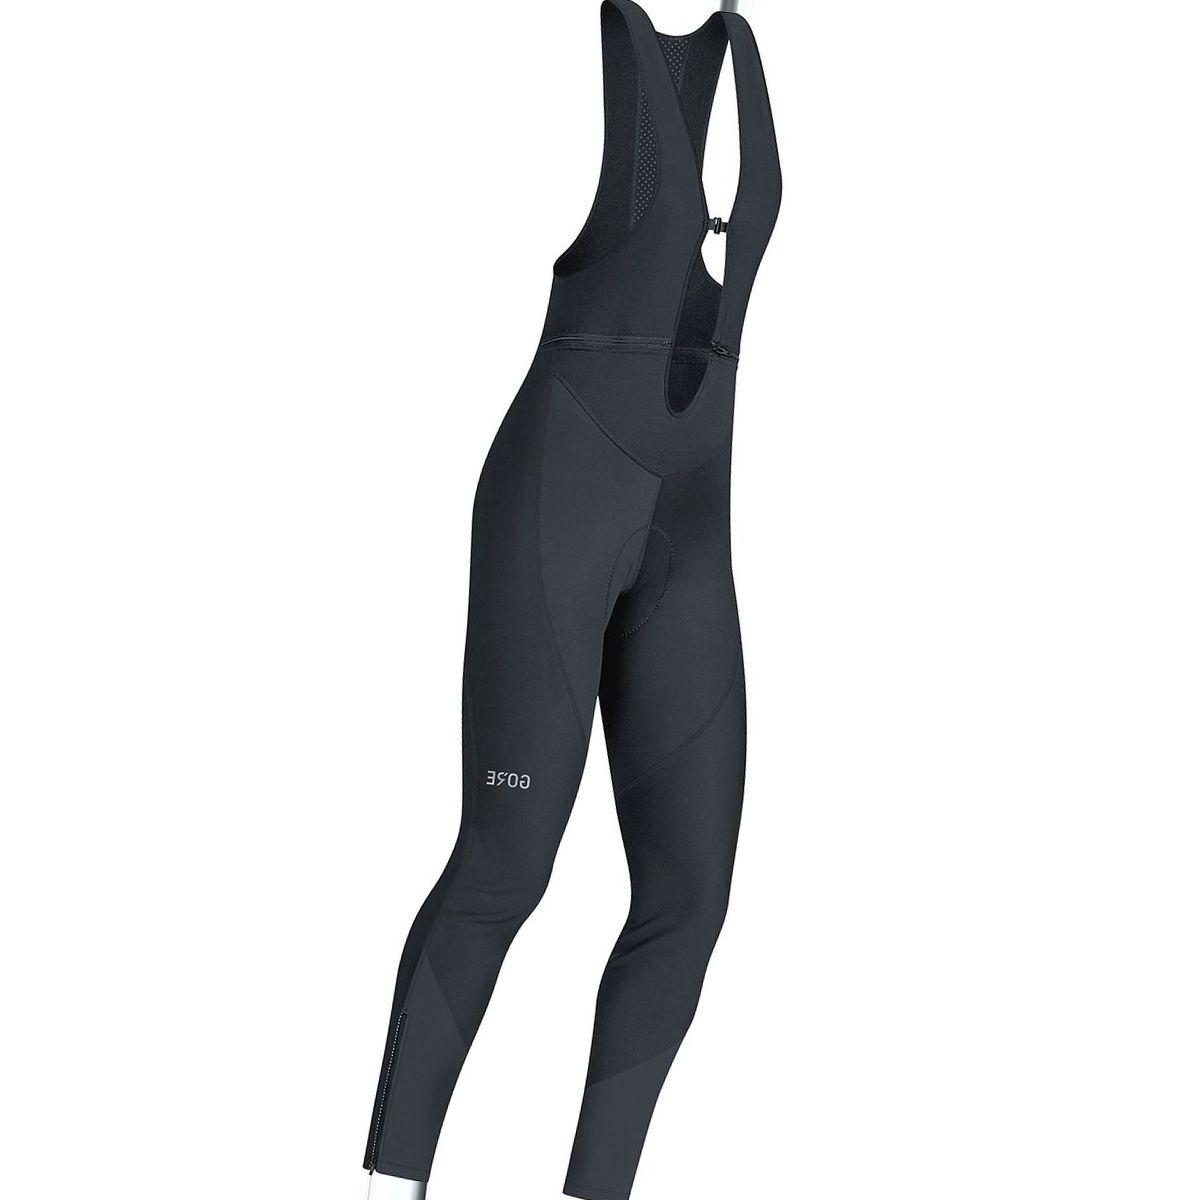 Gore Wear C3 Gore Windstopper Bib Tights+ - Women's